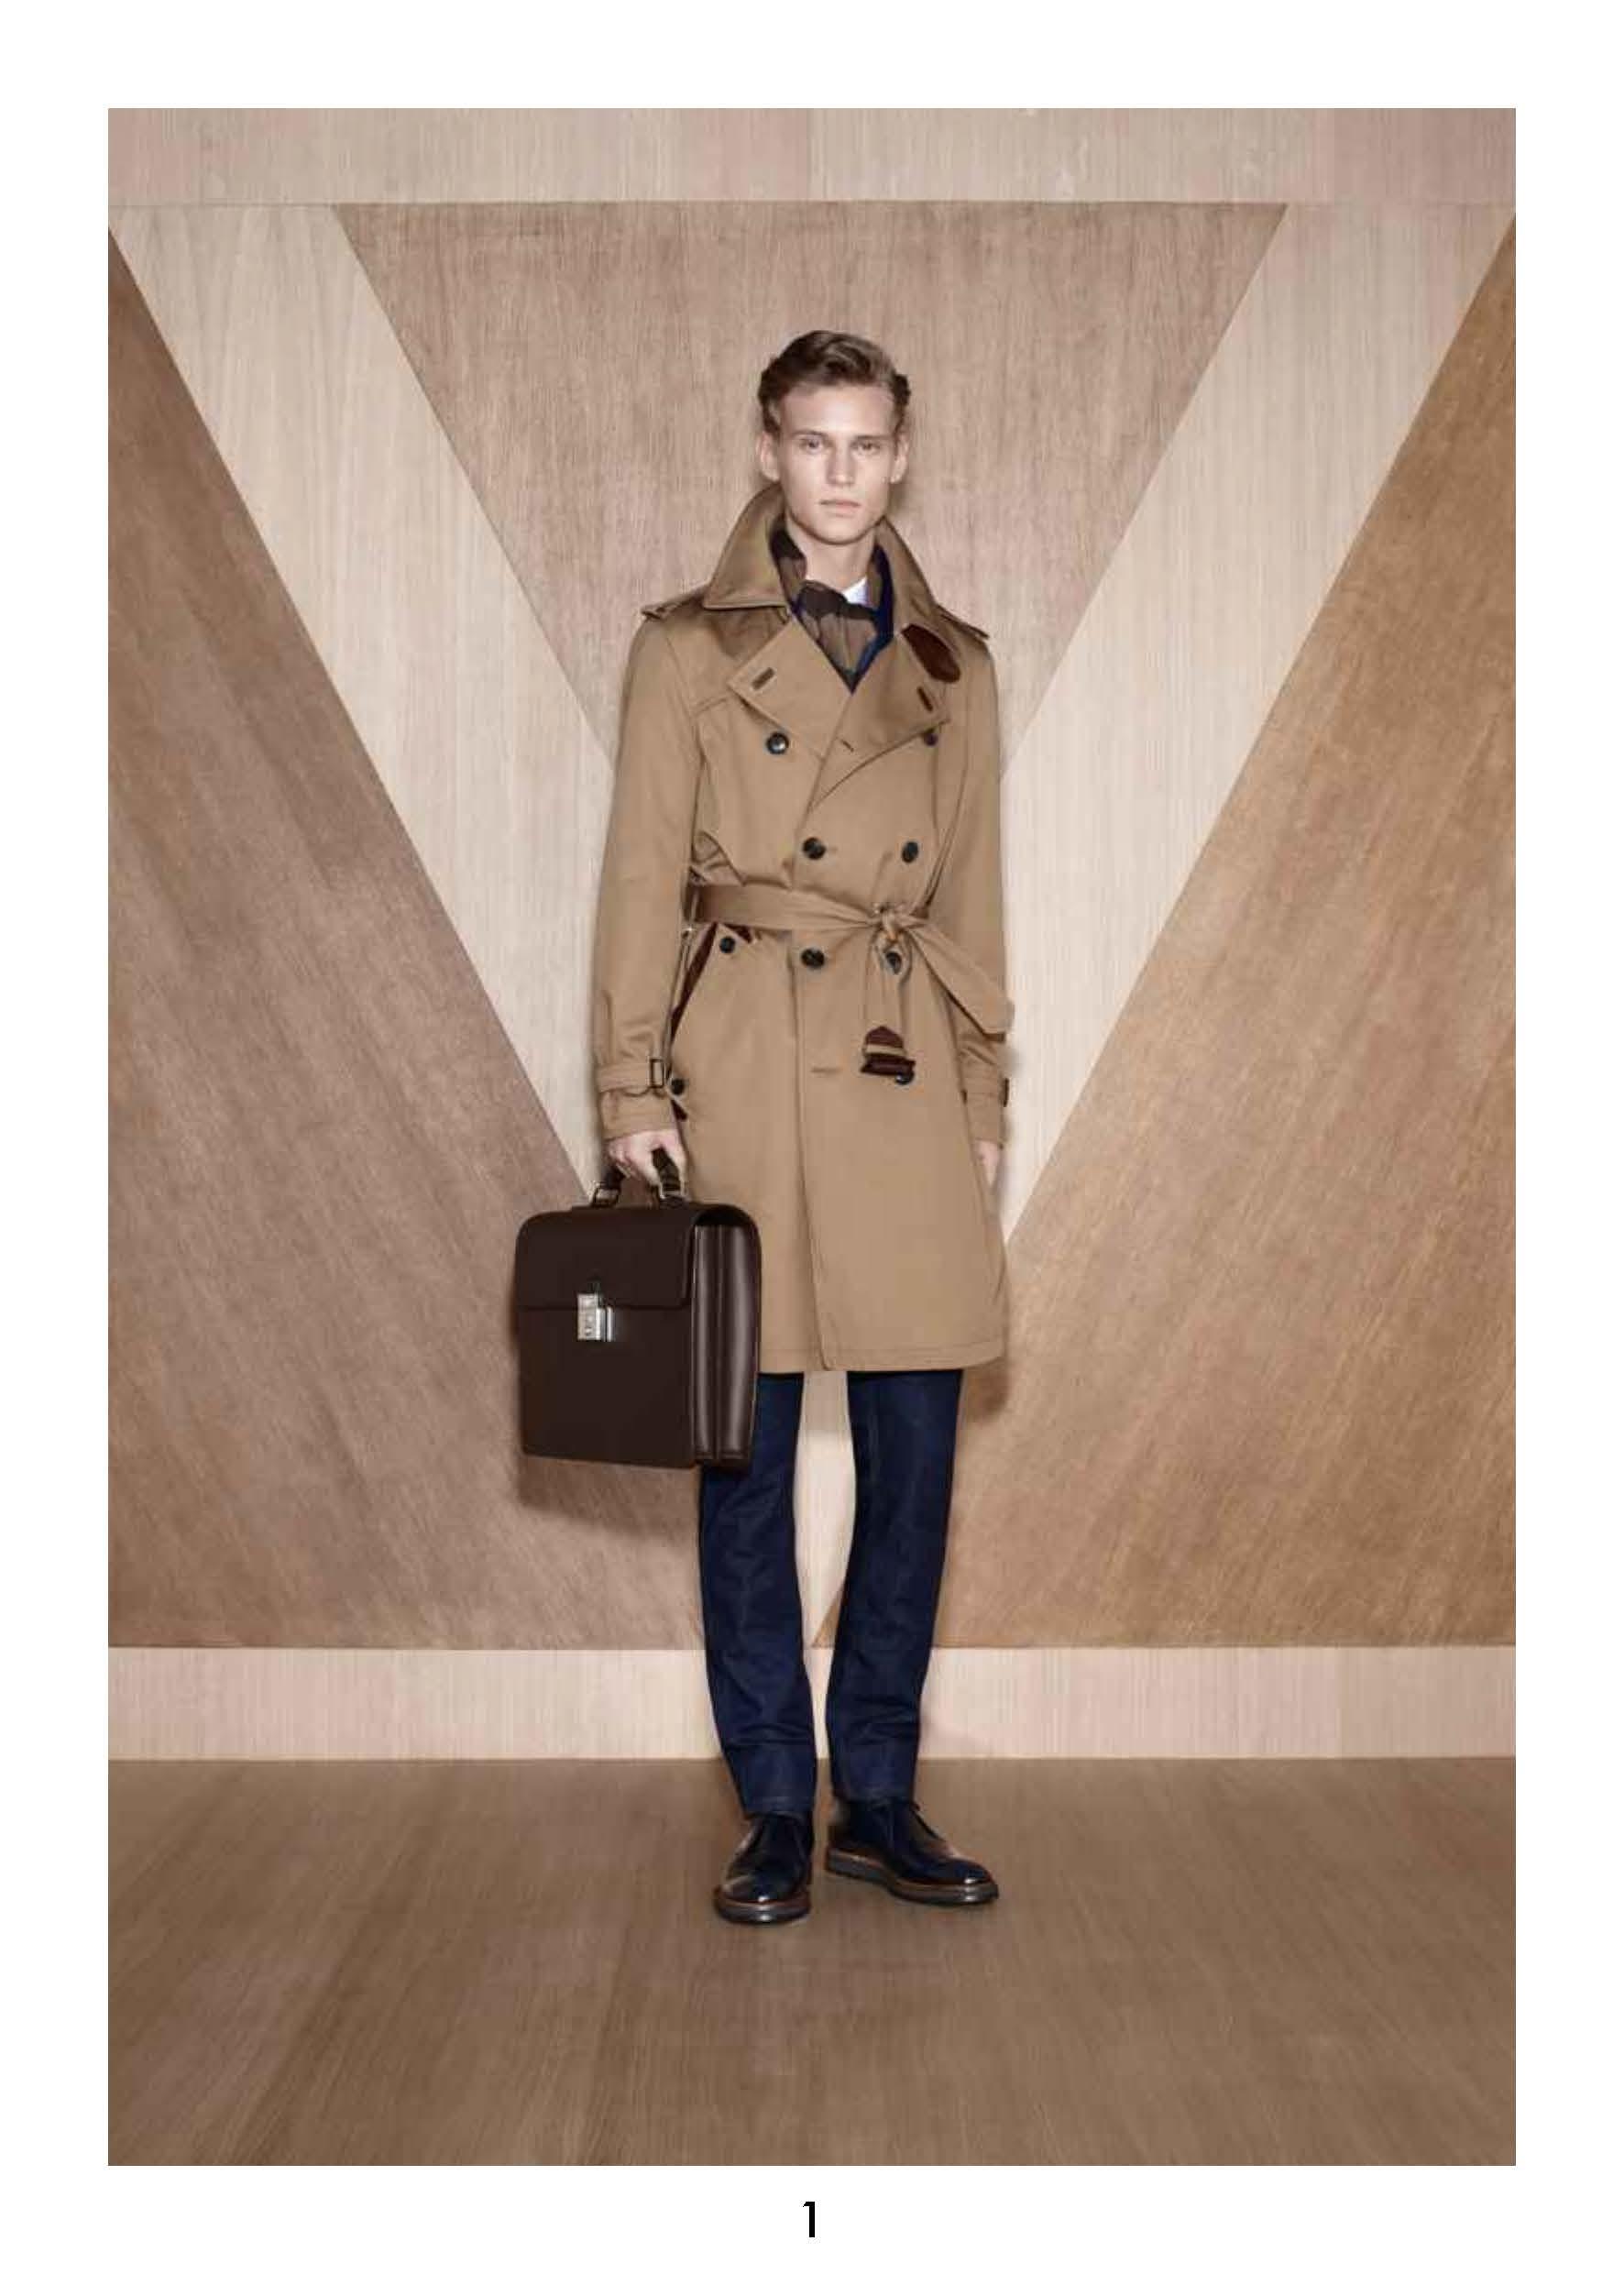 Alexander Johansson & Ryan Taylor for Louis Vuitton Pre-Fall 2012